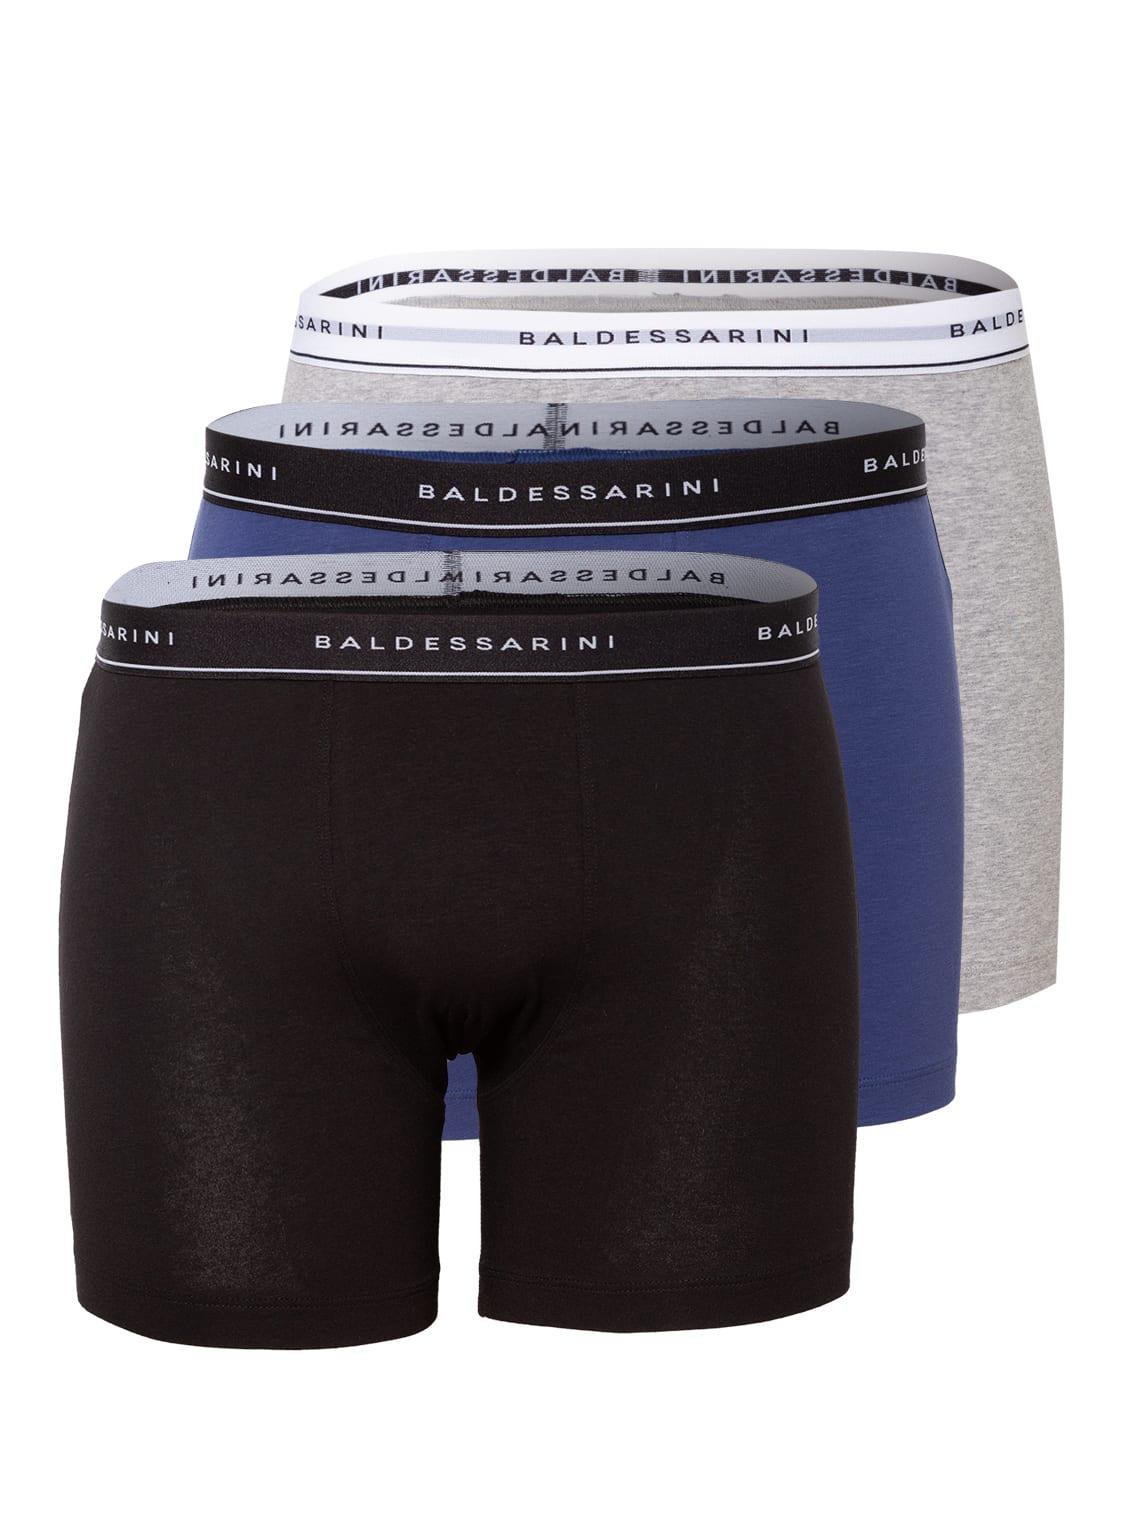 Image of Baldessarini 3er-Pack Boxershorts blau